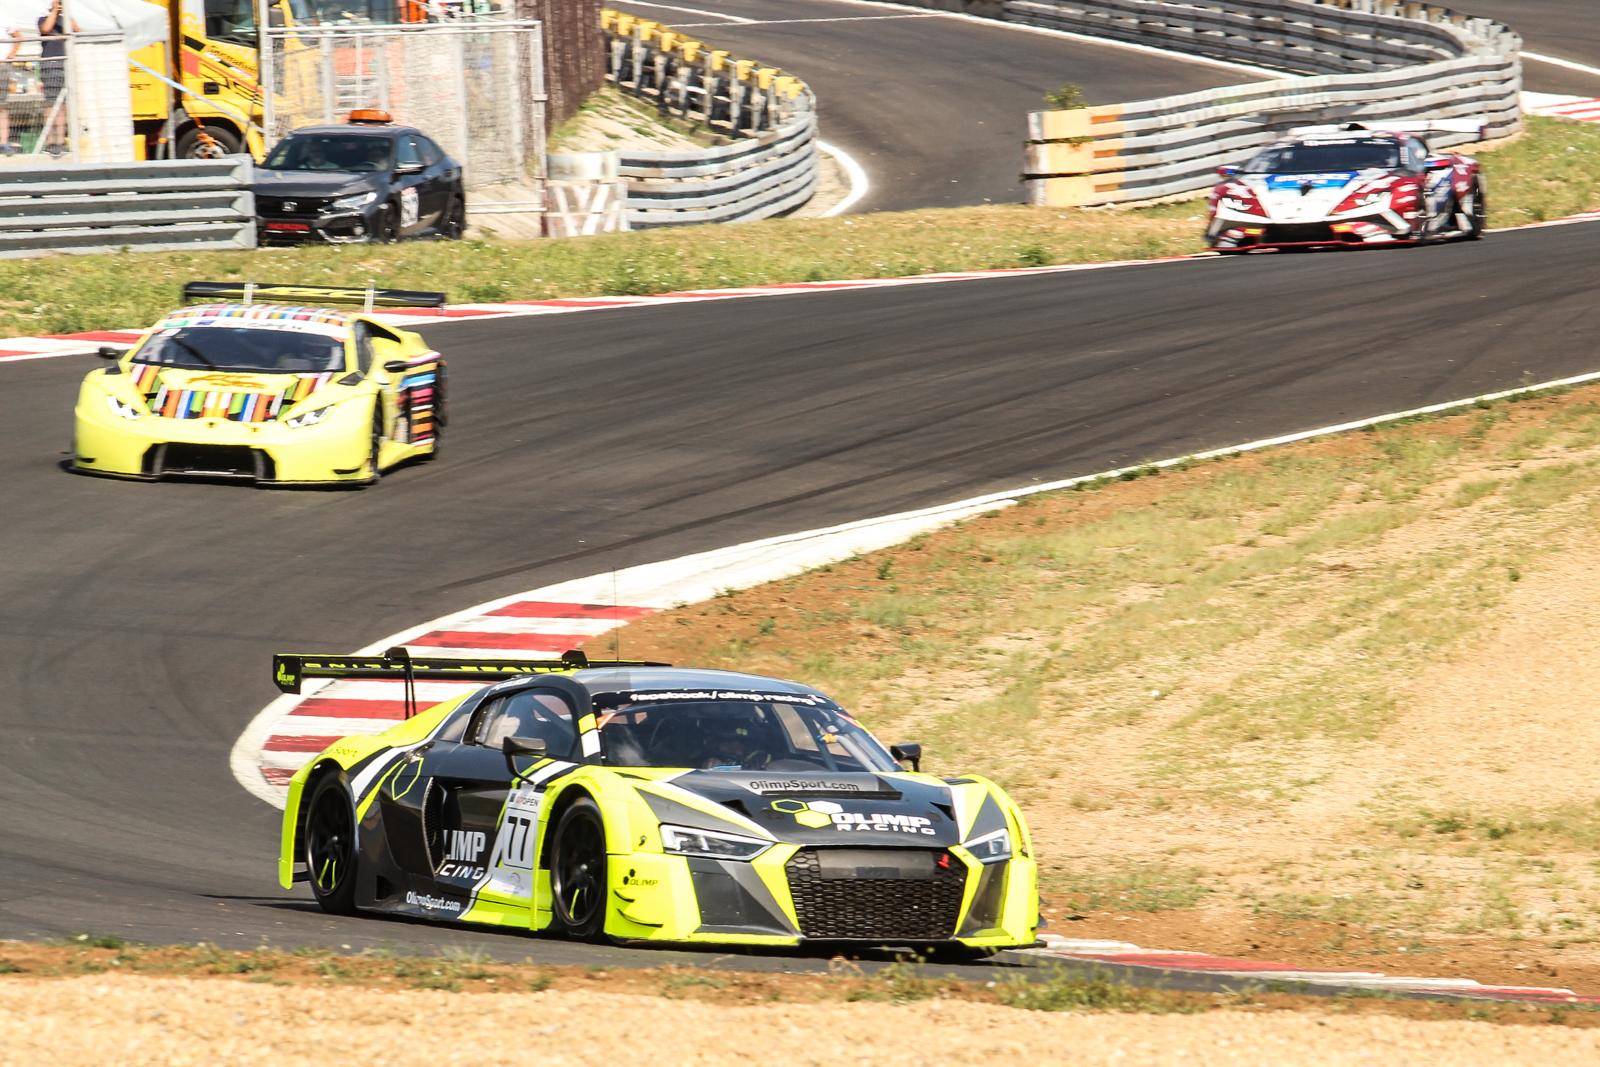 Jedlinski opět vítězí, závod se dokončoval za safety carem